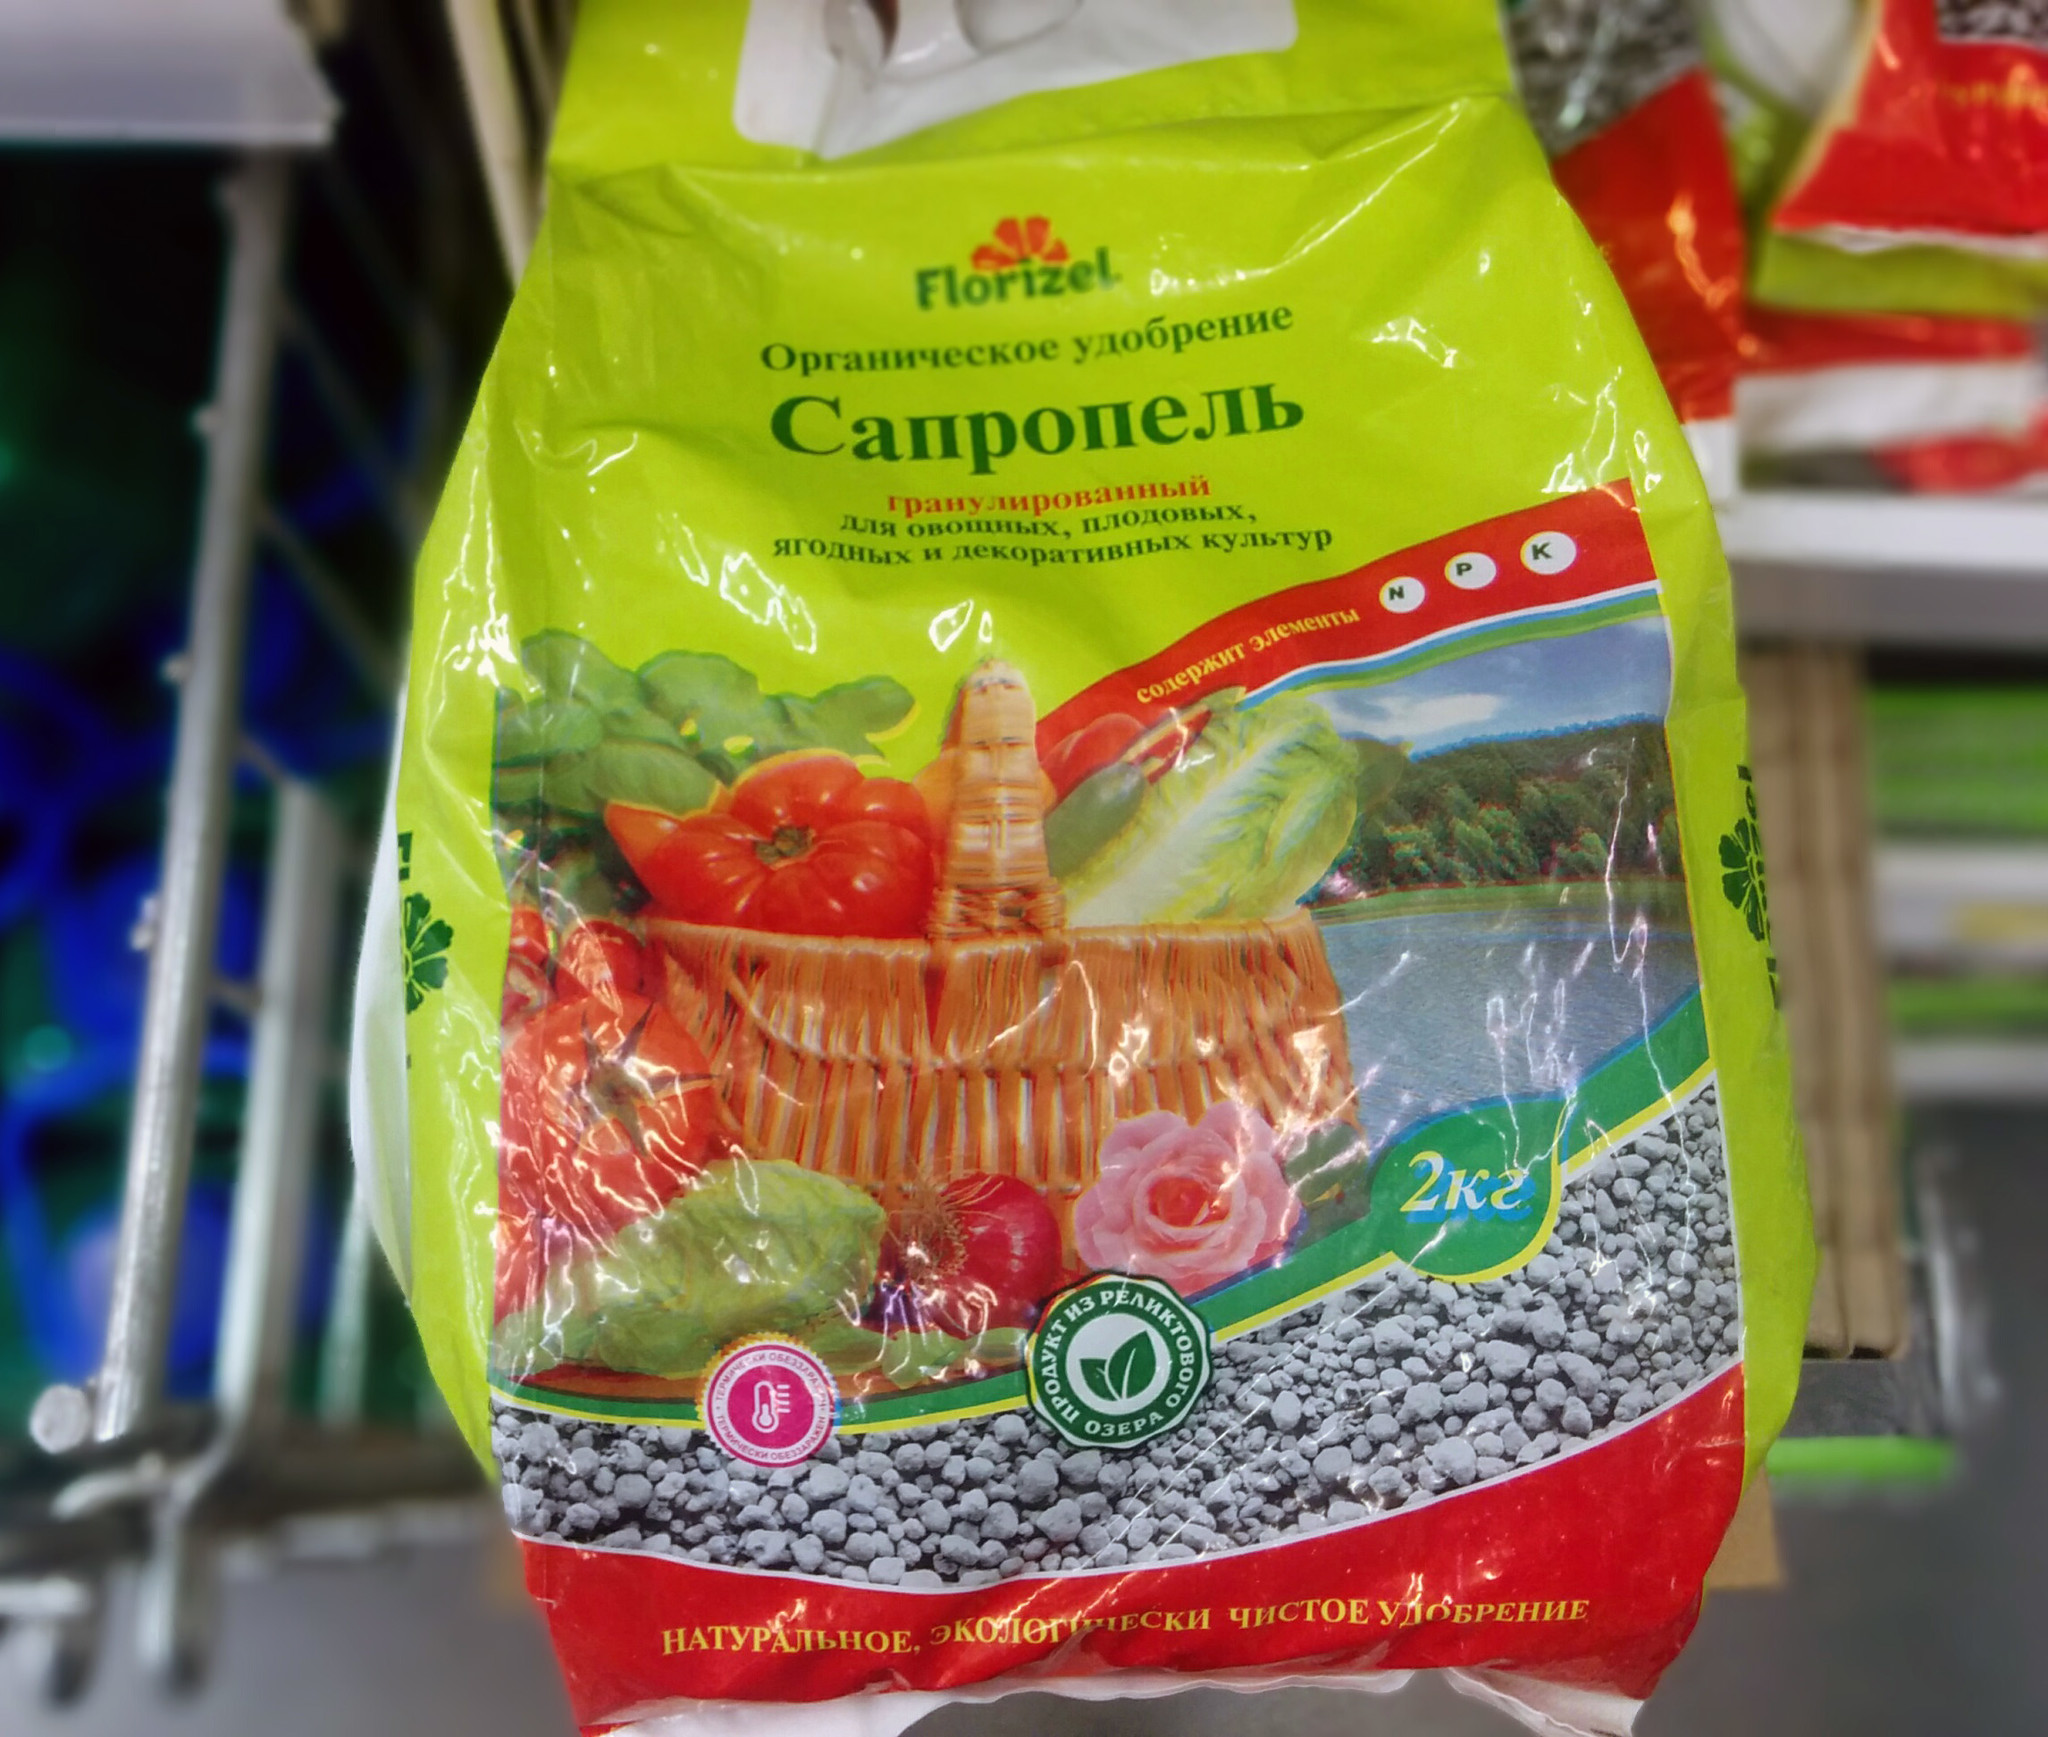 Органические удобрения - Сапропель